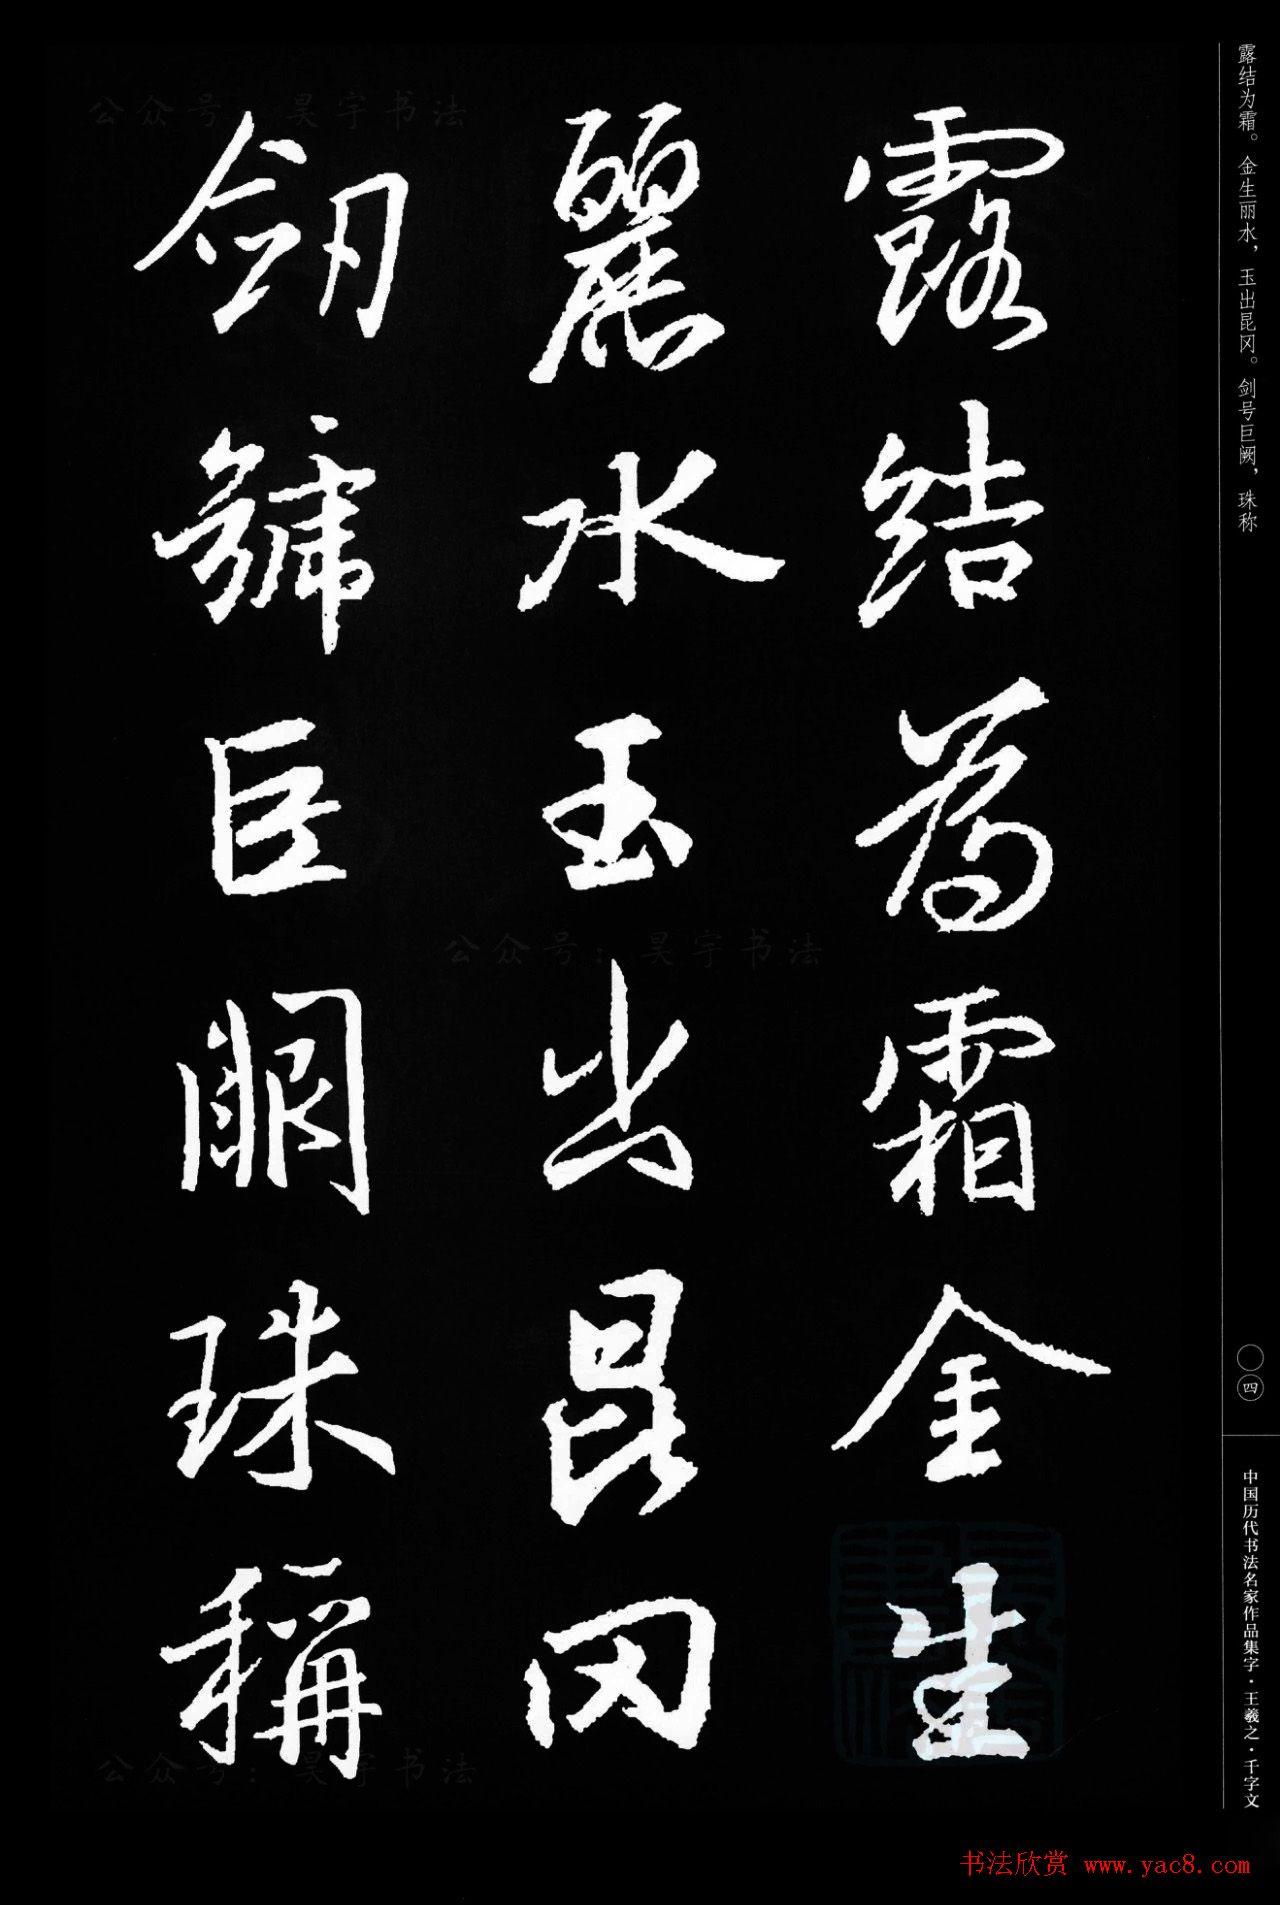 王羲之圣教序集字《千字文》